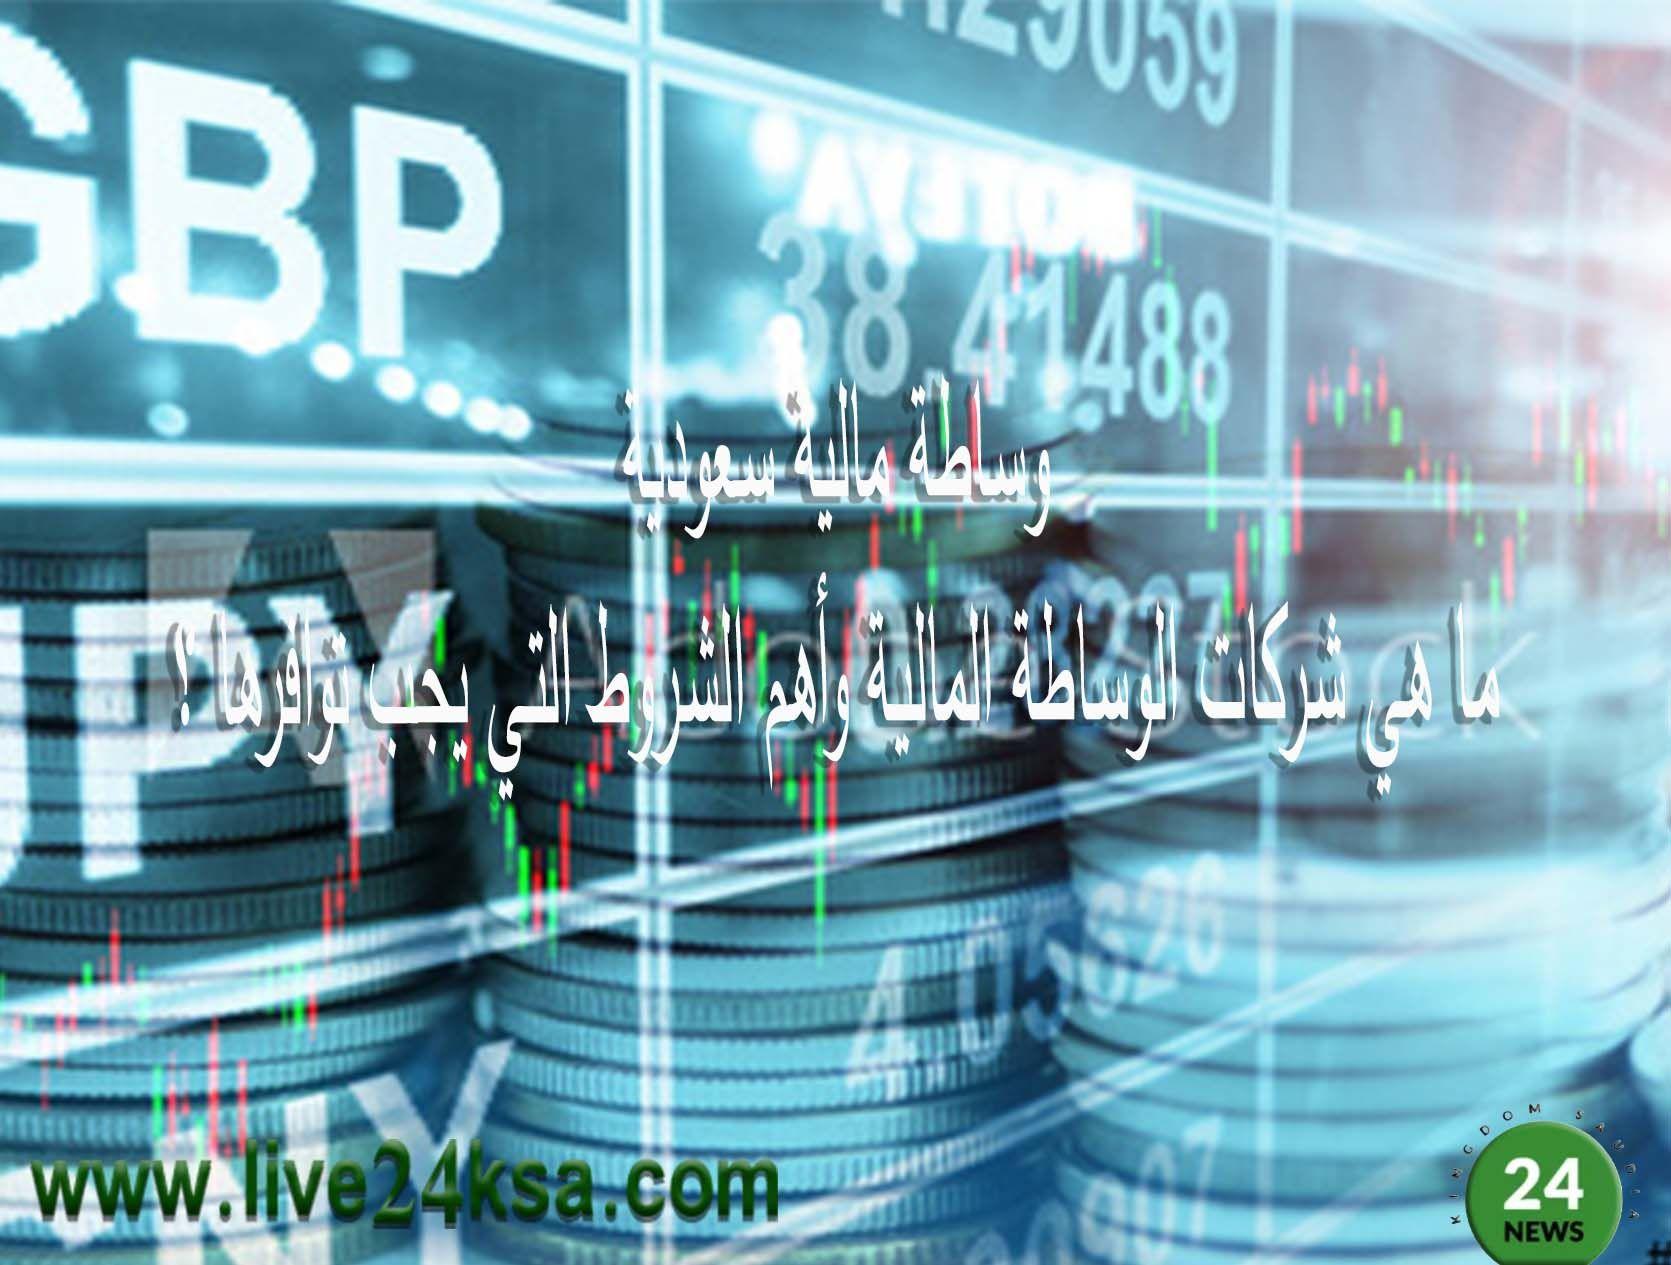 وساطة مالية سعودية ما هي شركات الوساطة المالية وأهم الشروط التي يجب توافرها Neon Signs Blog Posts Cannon